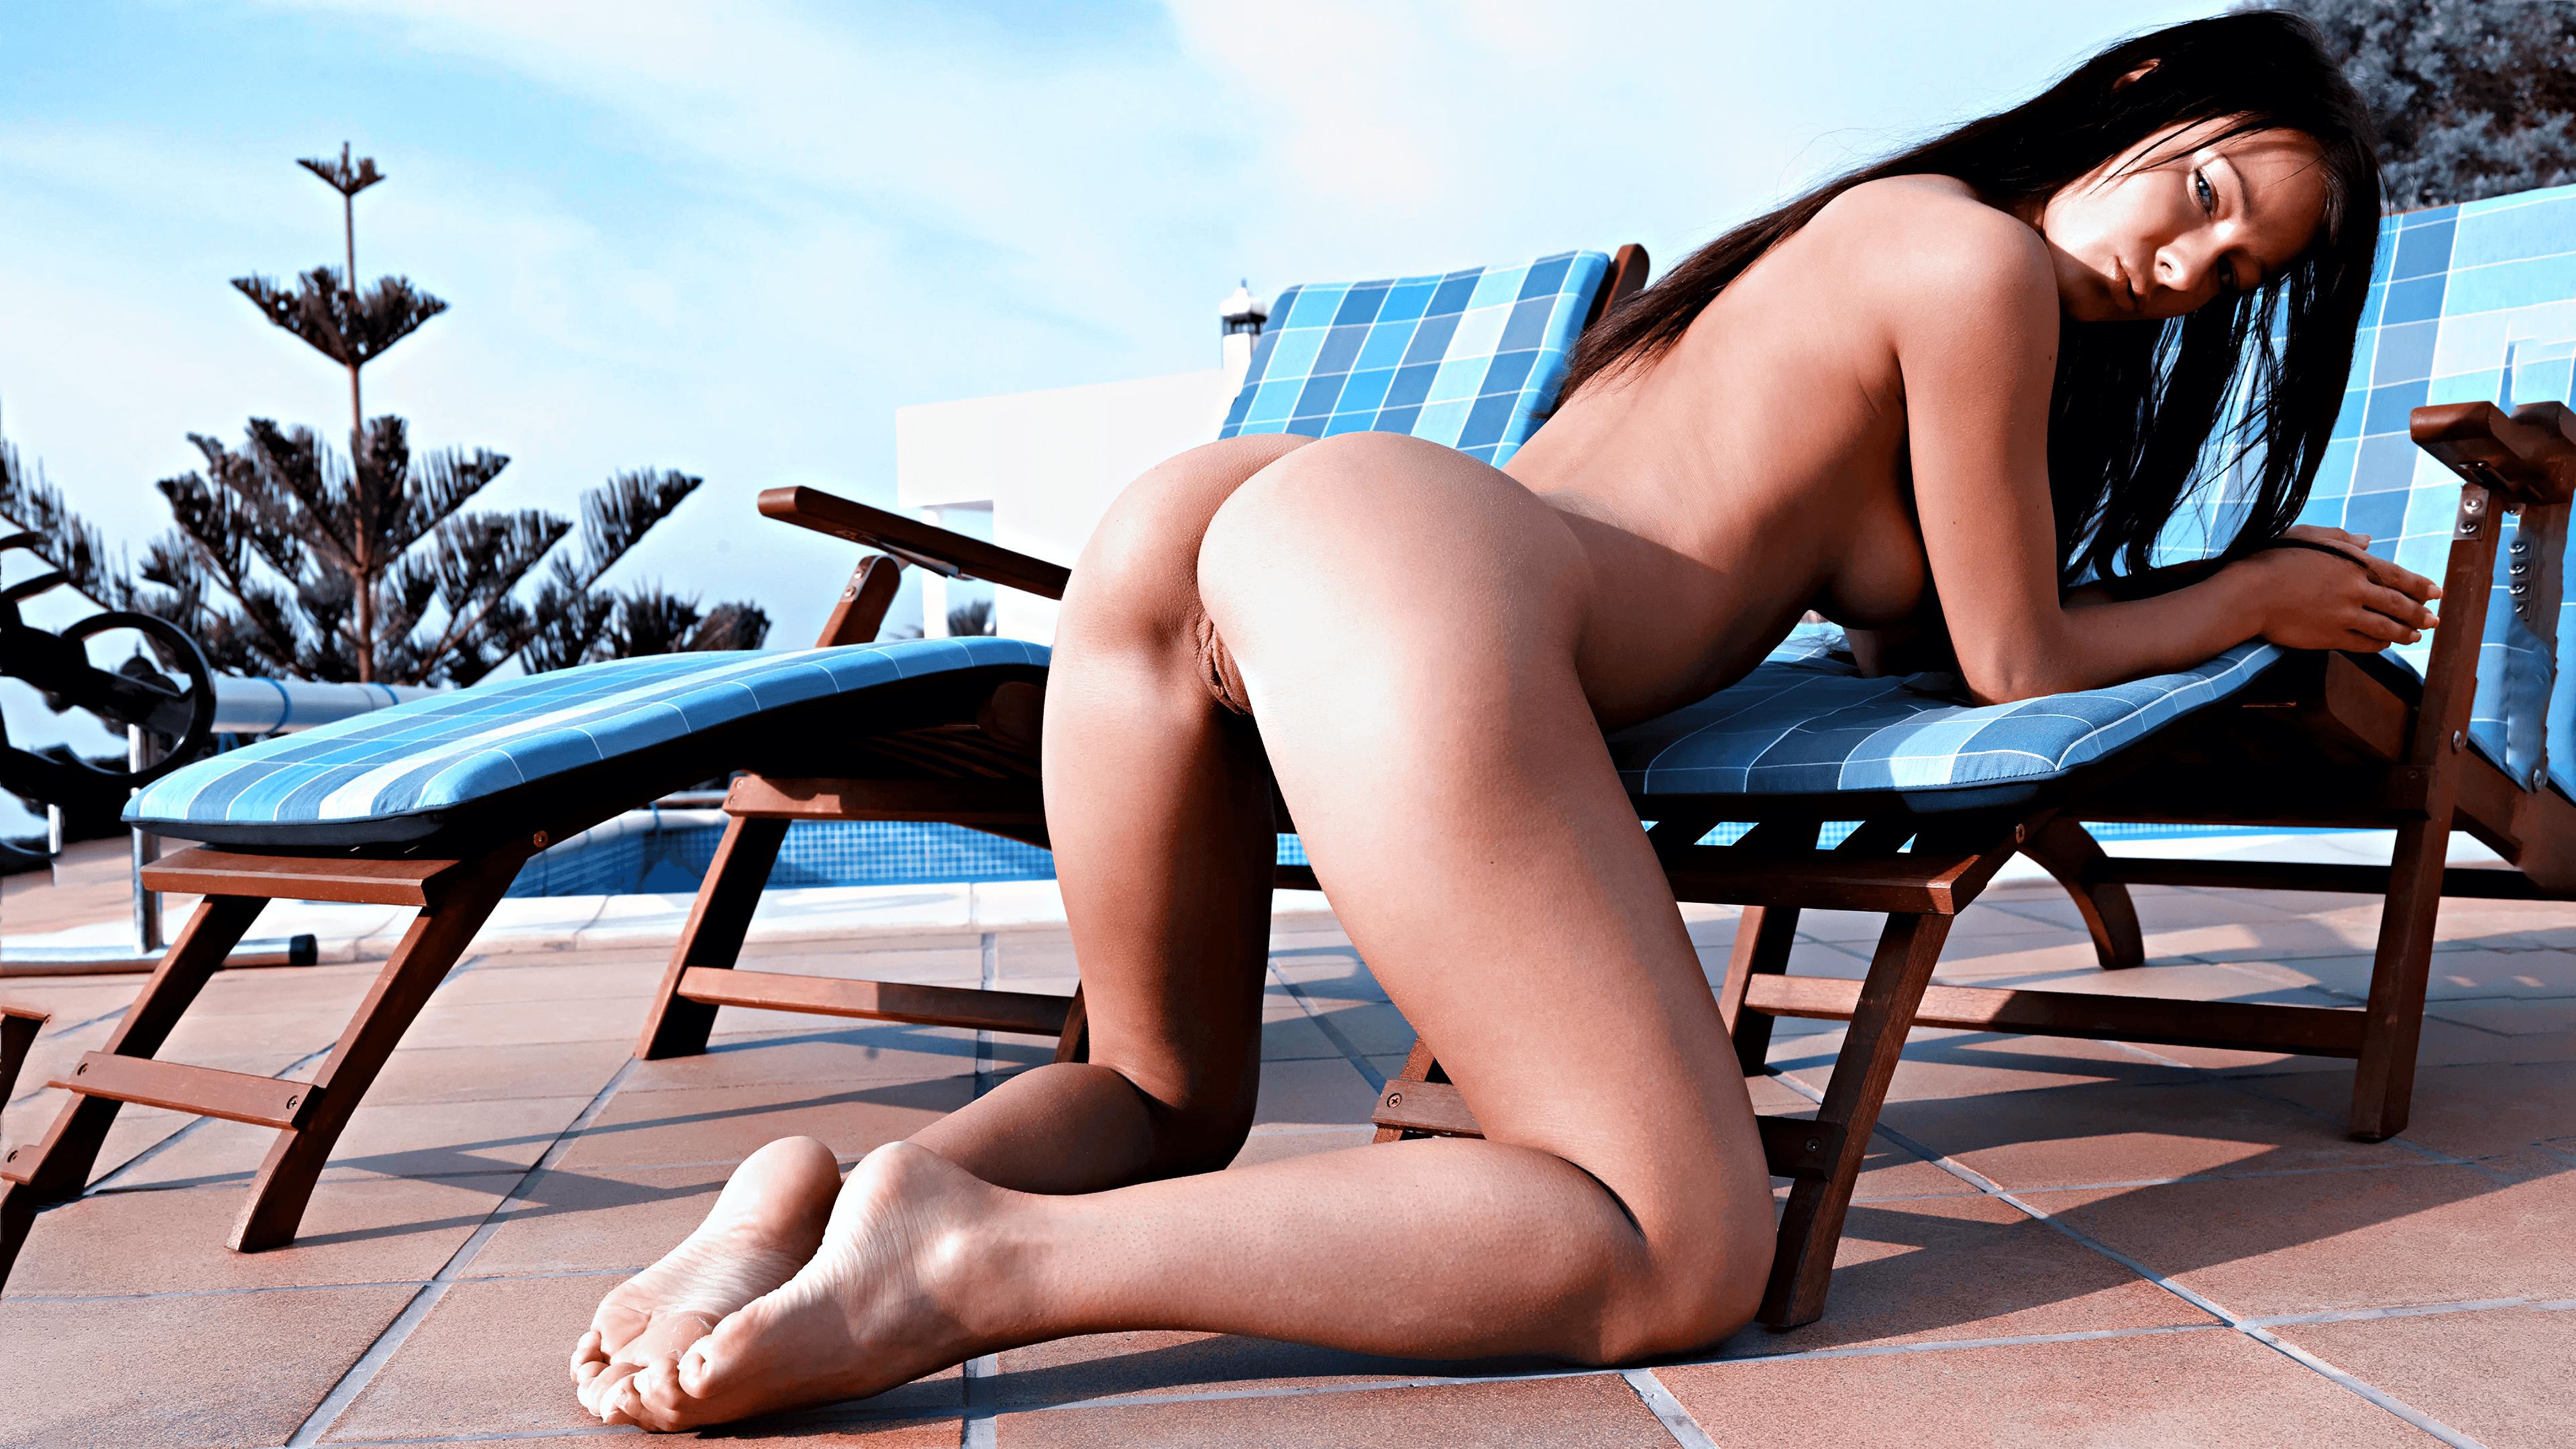 Nude In Beach Chair Art Print By Maureen Piccirillo